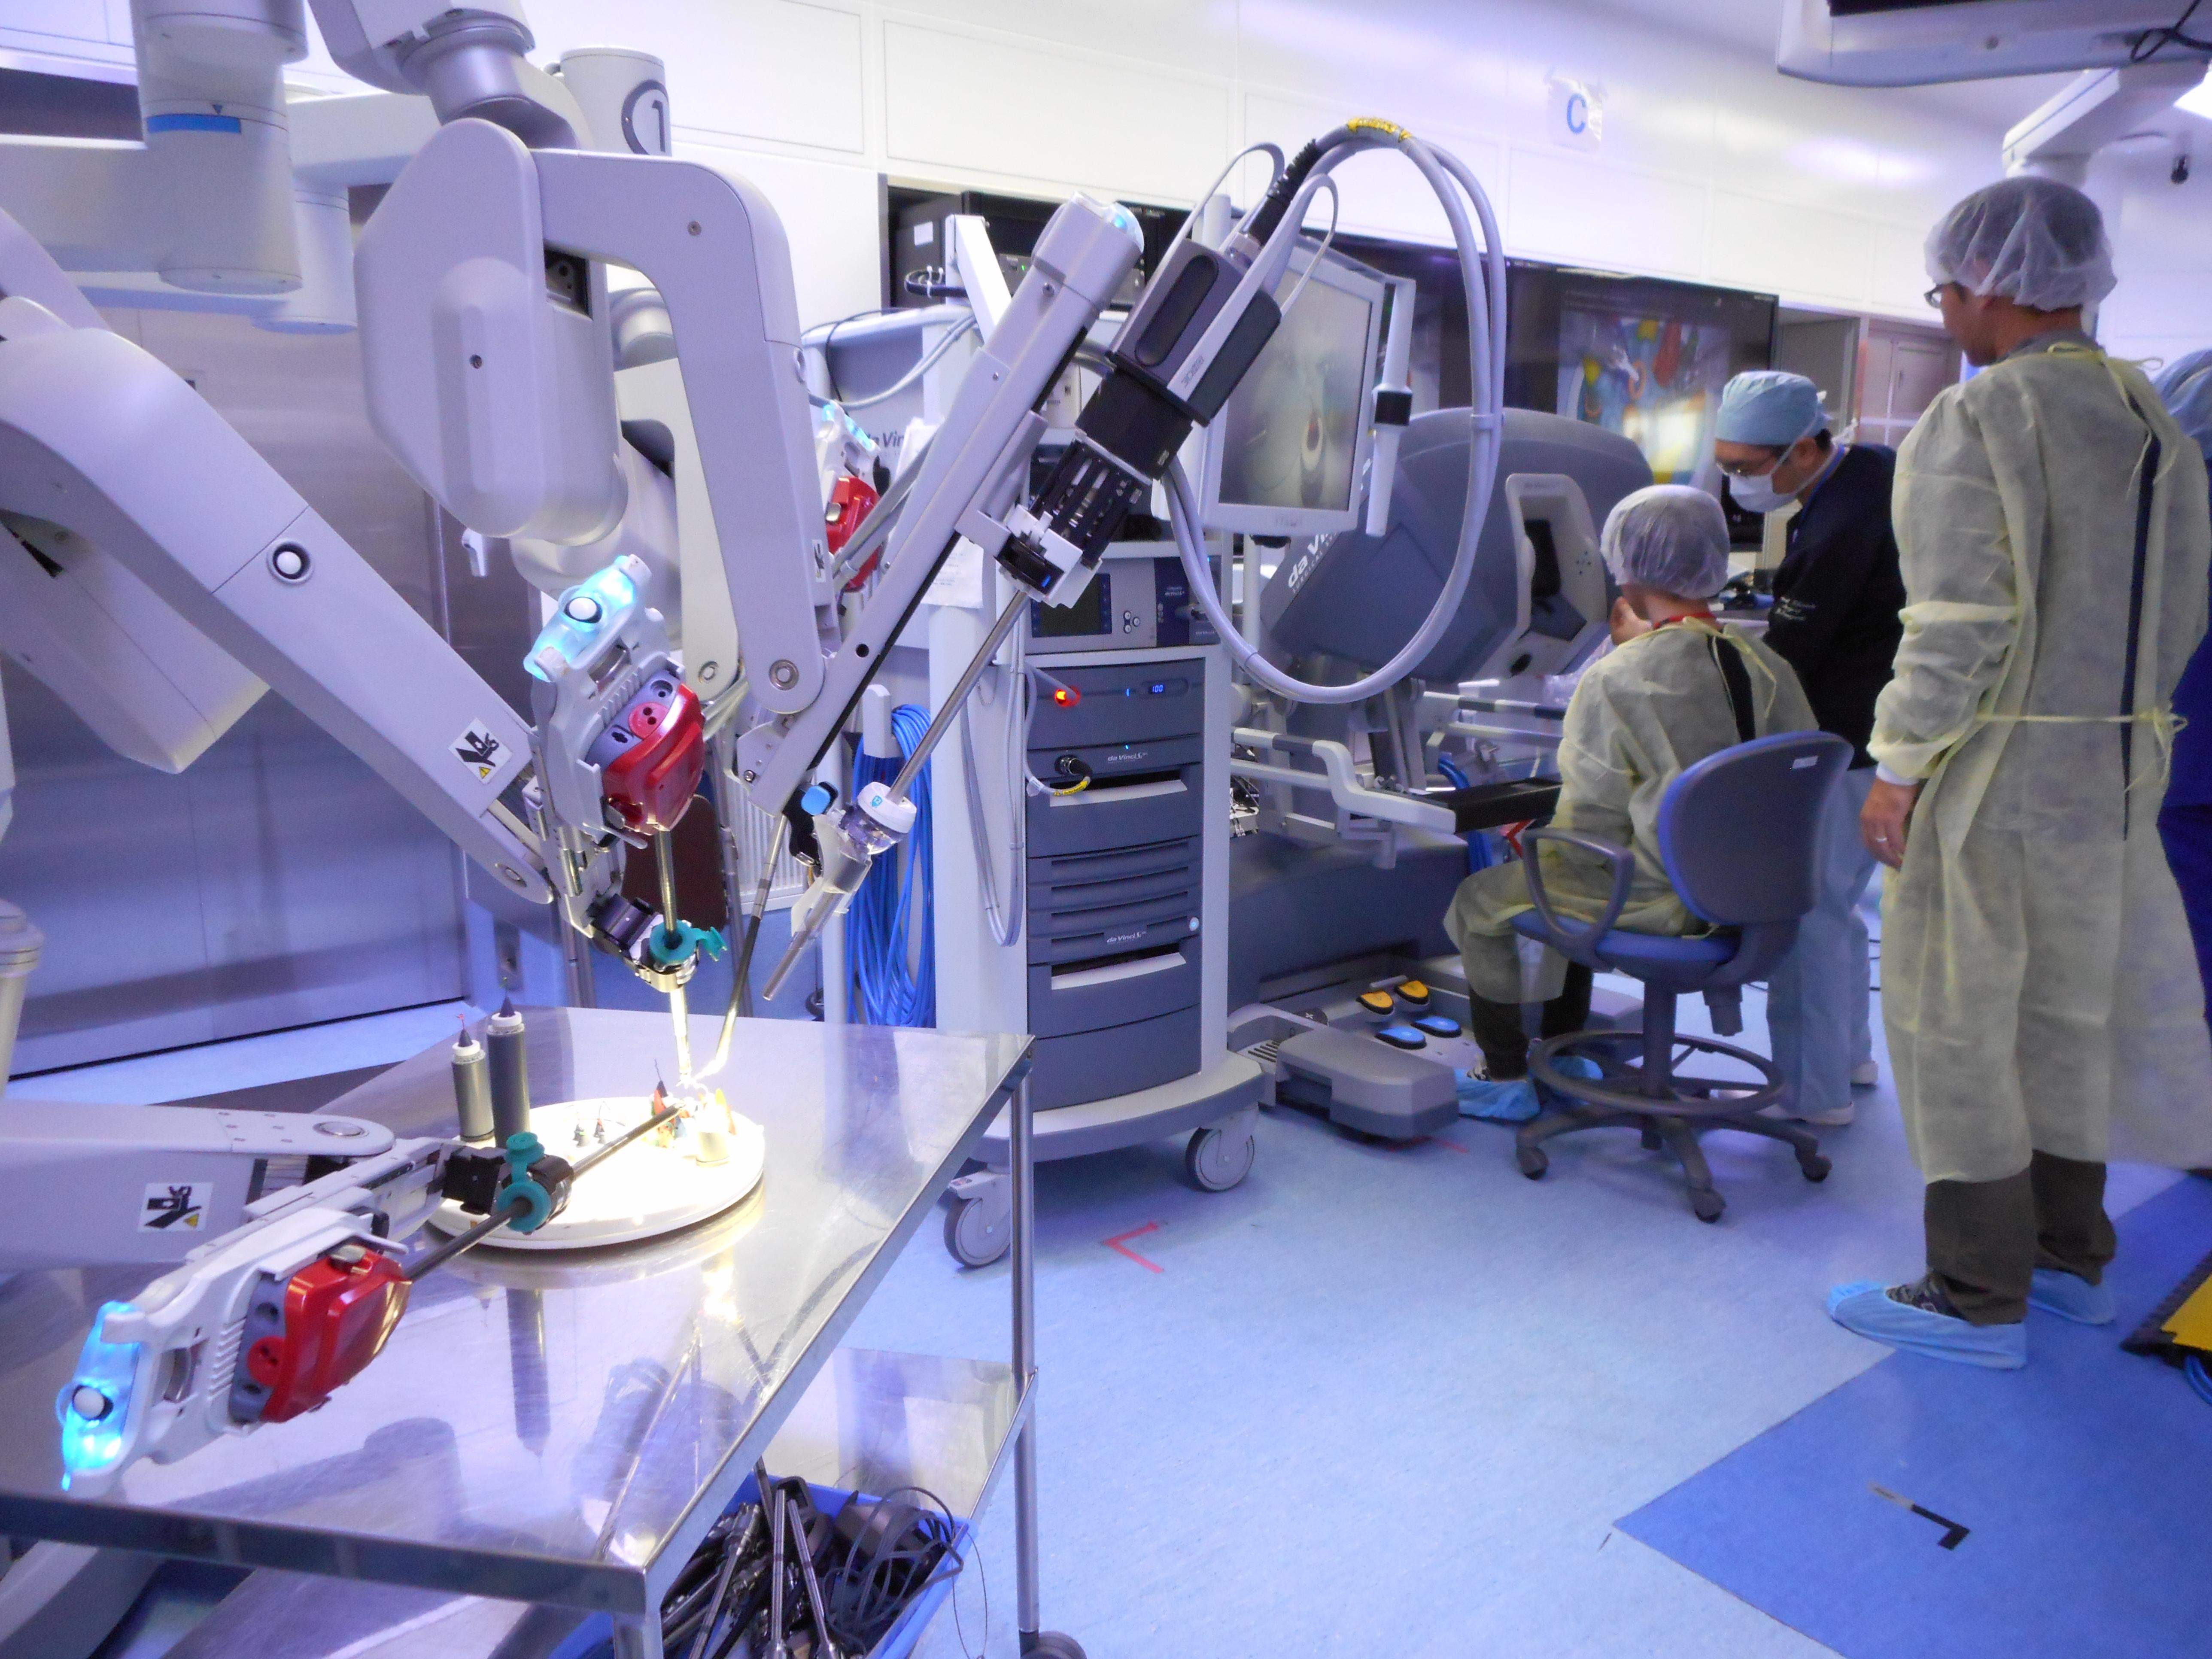 ロボット手術体験ツアー①